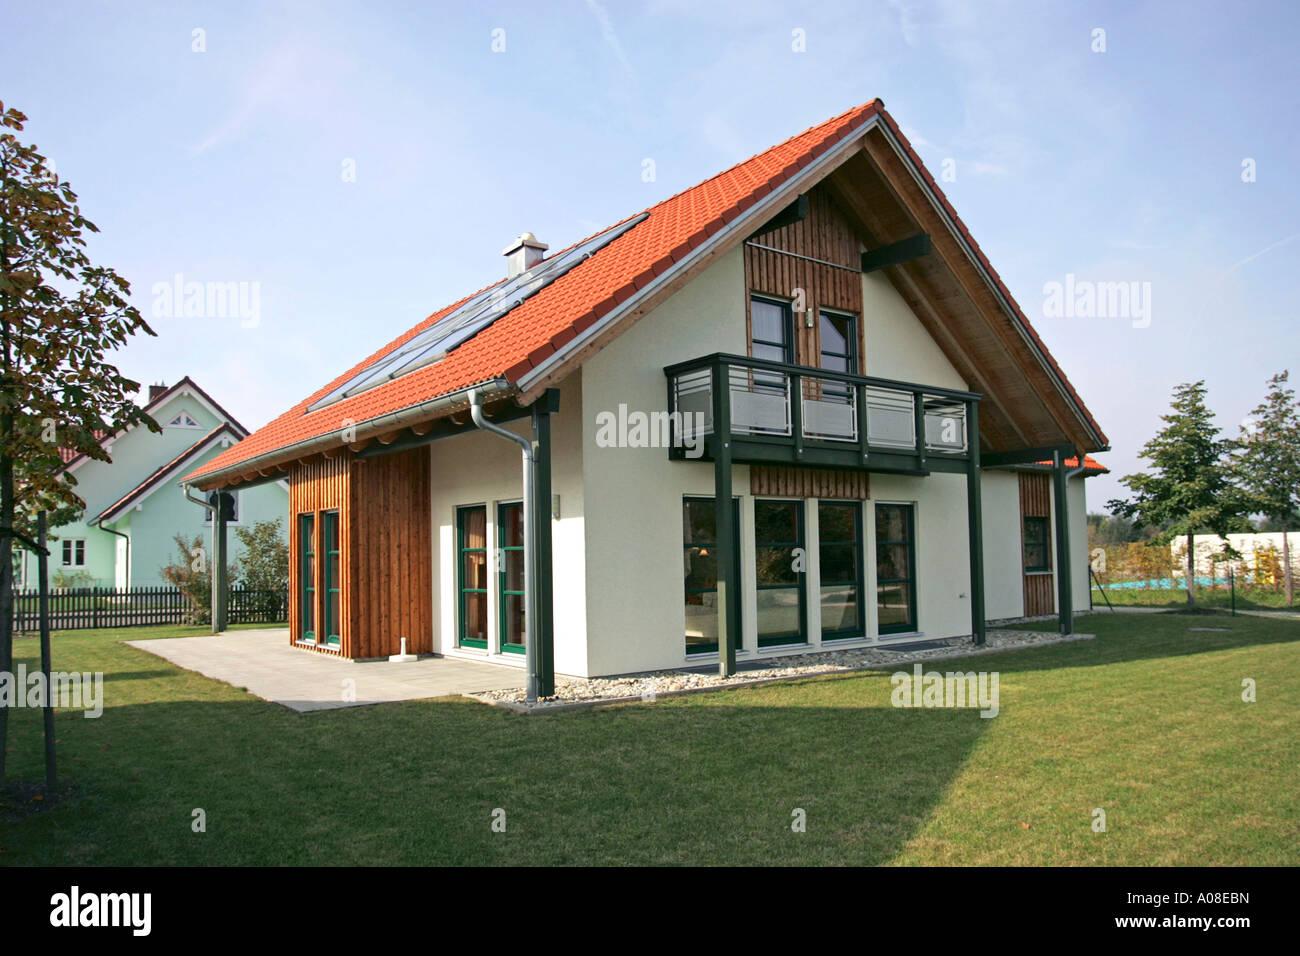 Architektur Einfamilienhaus Family Home Stock Photo 9914600 Alamy